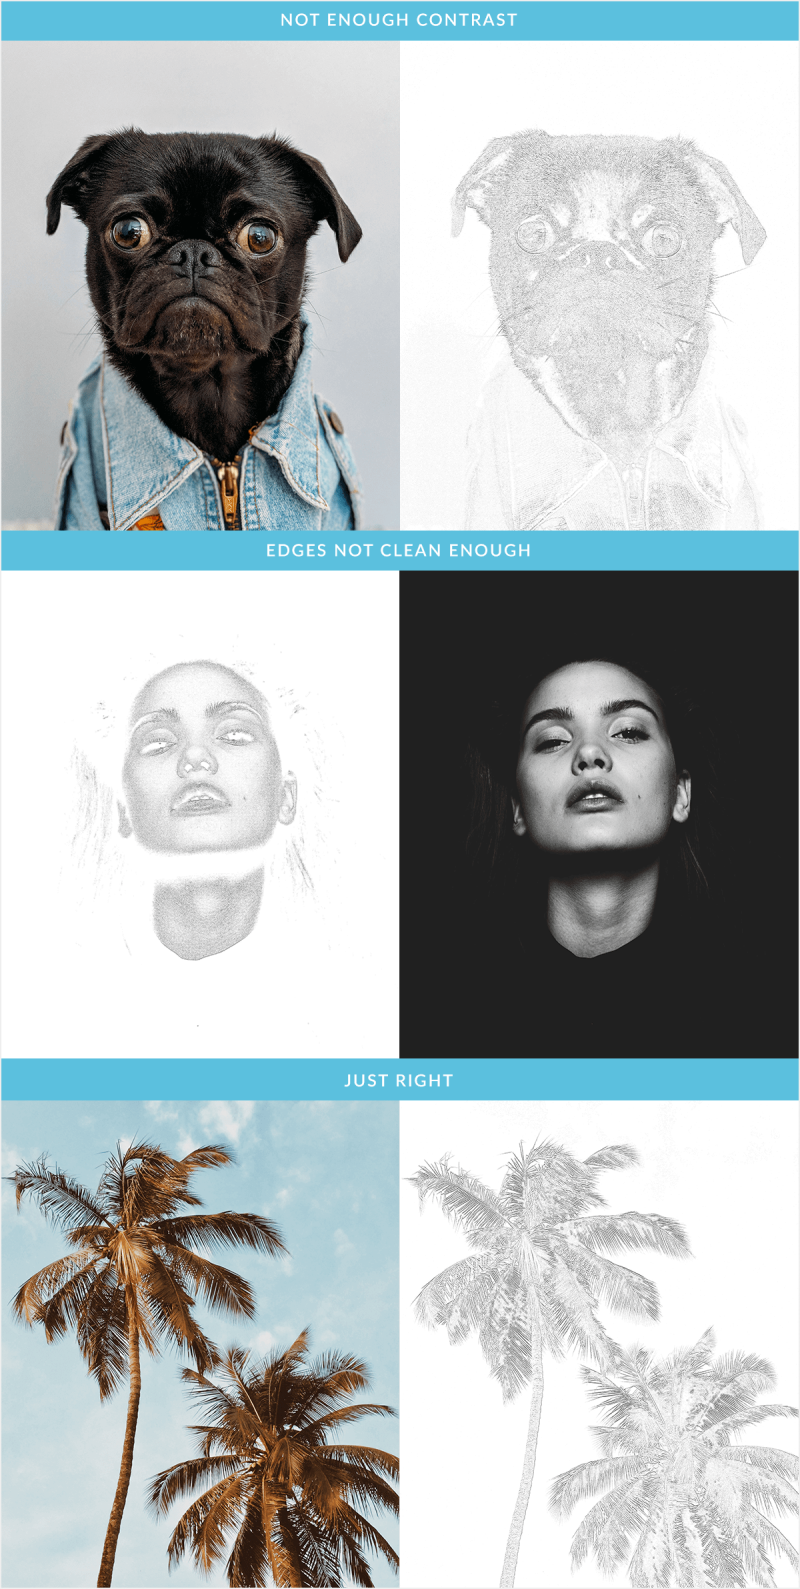 elevar su imagen cómo elegir la mejor imagen para un boceto fotográfico - 3 ejemplose actualizar banner